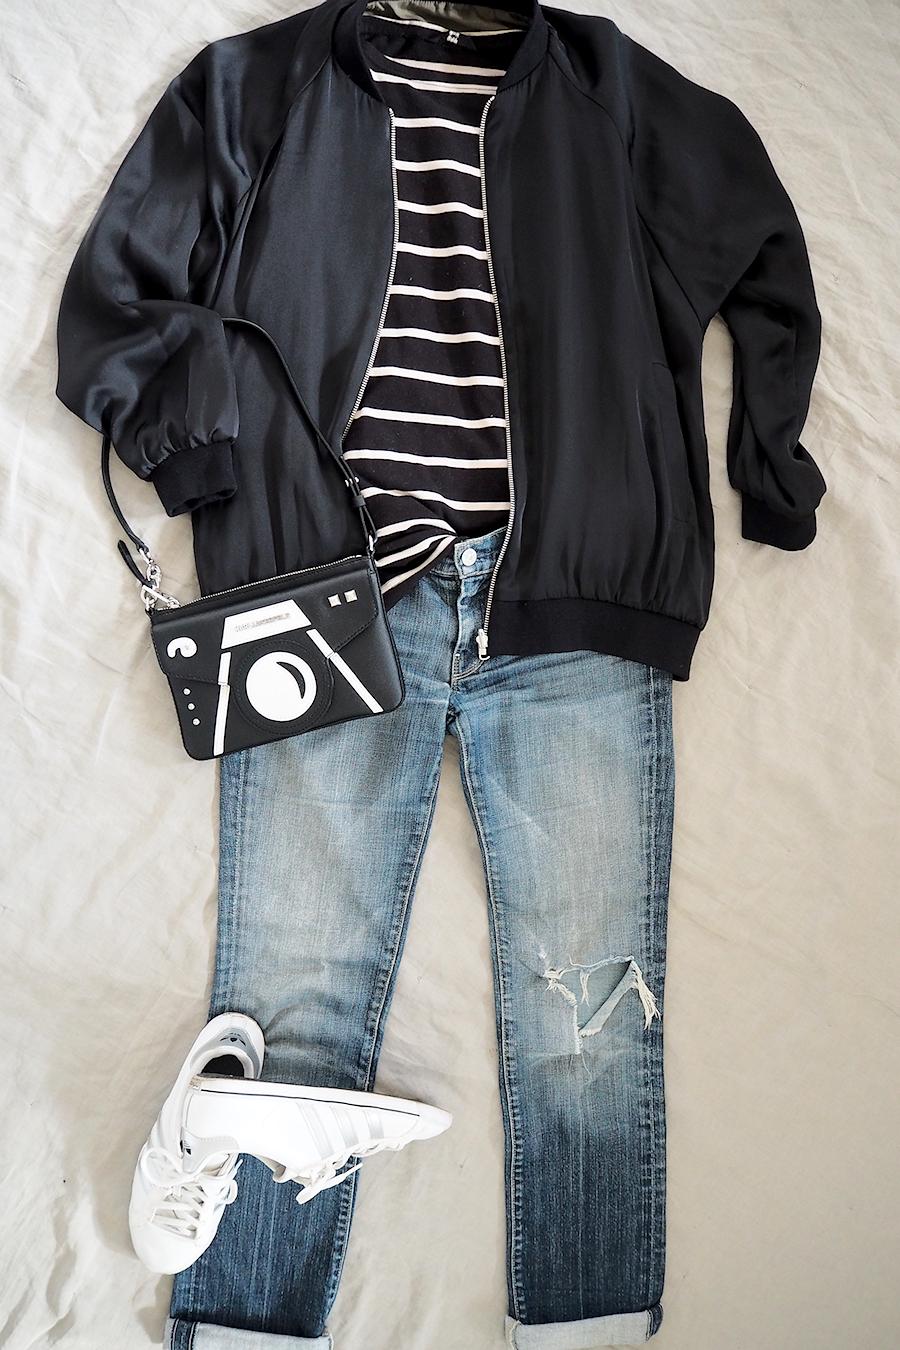 Stylebook: Schwarze Bomberjacke